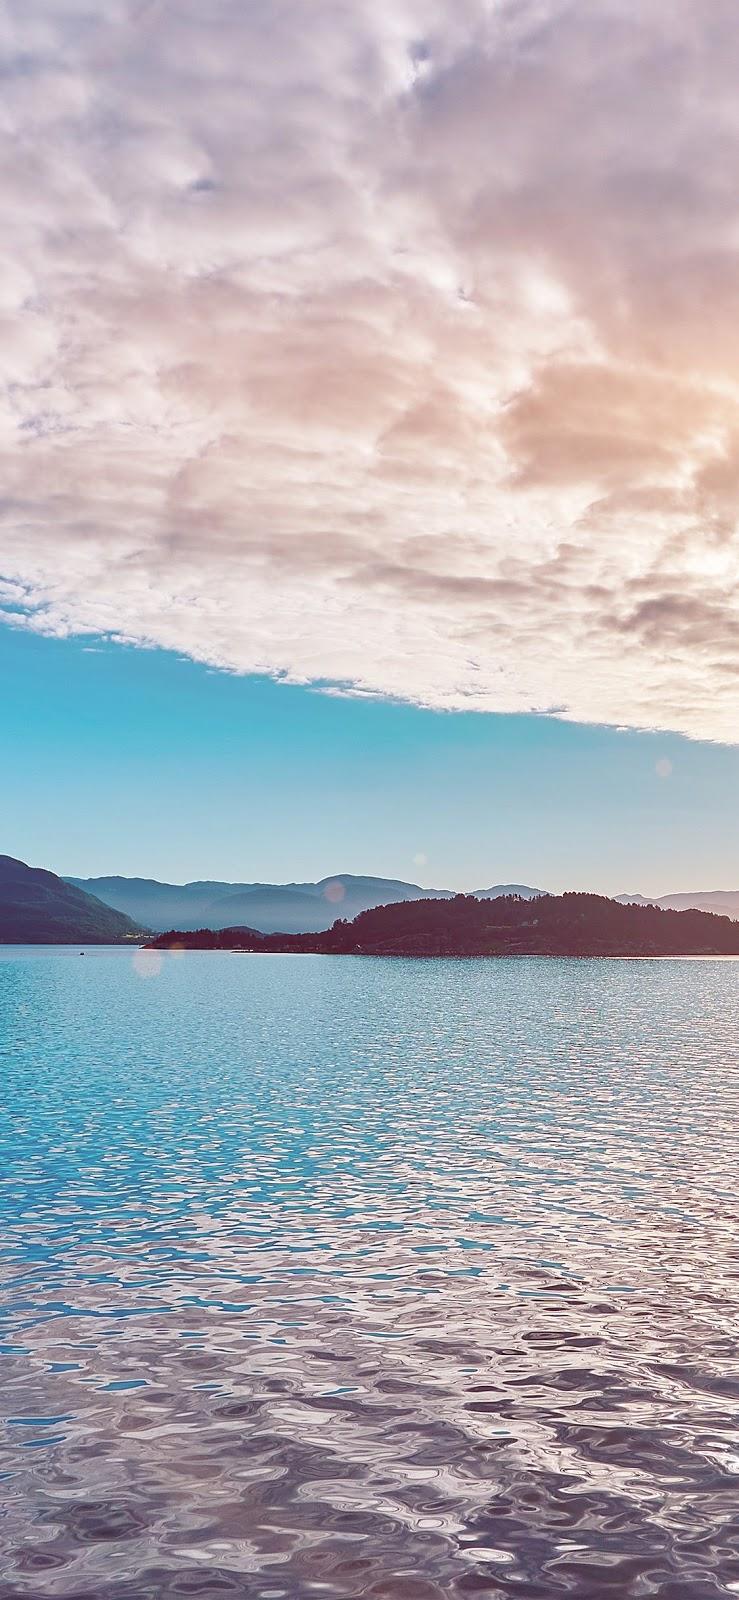 Wallpaper, sfondi iPhone, cielo, nuvole, montagne, lago